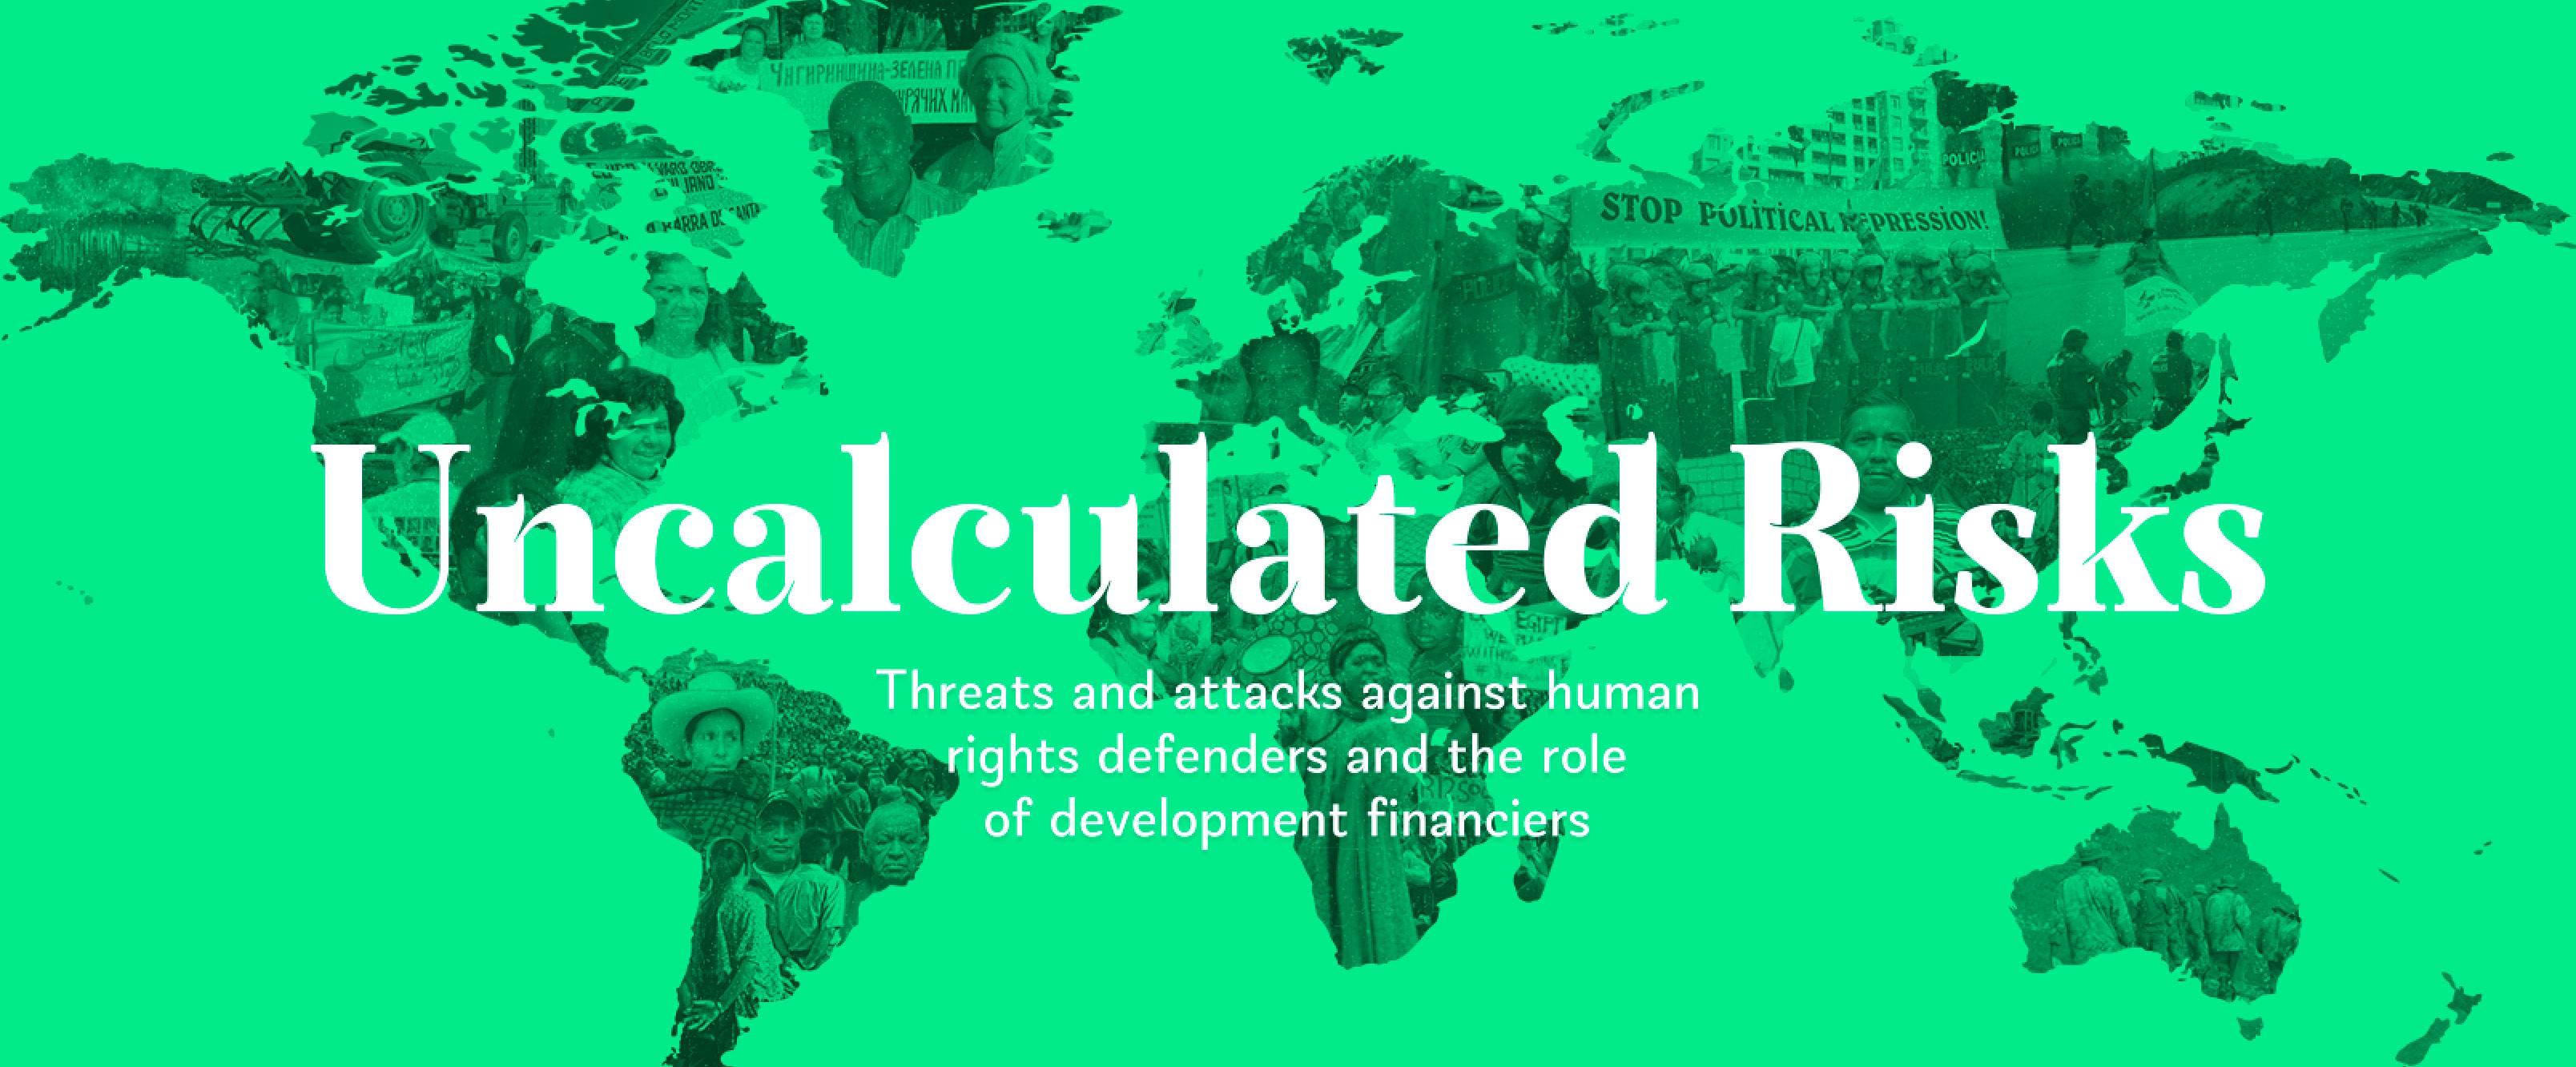 """Copertina del rapporto della Coalizione per i diritti umani nello sviluppo intitolato """"Rischi non calcolati. Minacce e attacchi contro i difensori dei diritti umani e il ruolo dei finanzieri per lo sviluppo"""""""